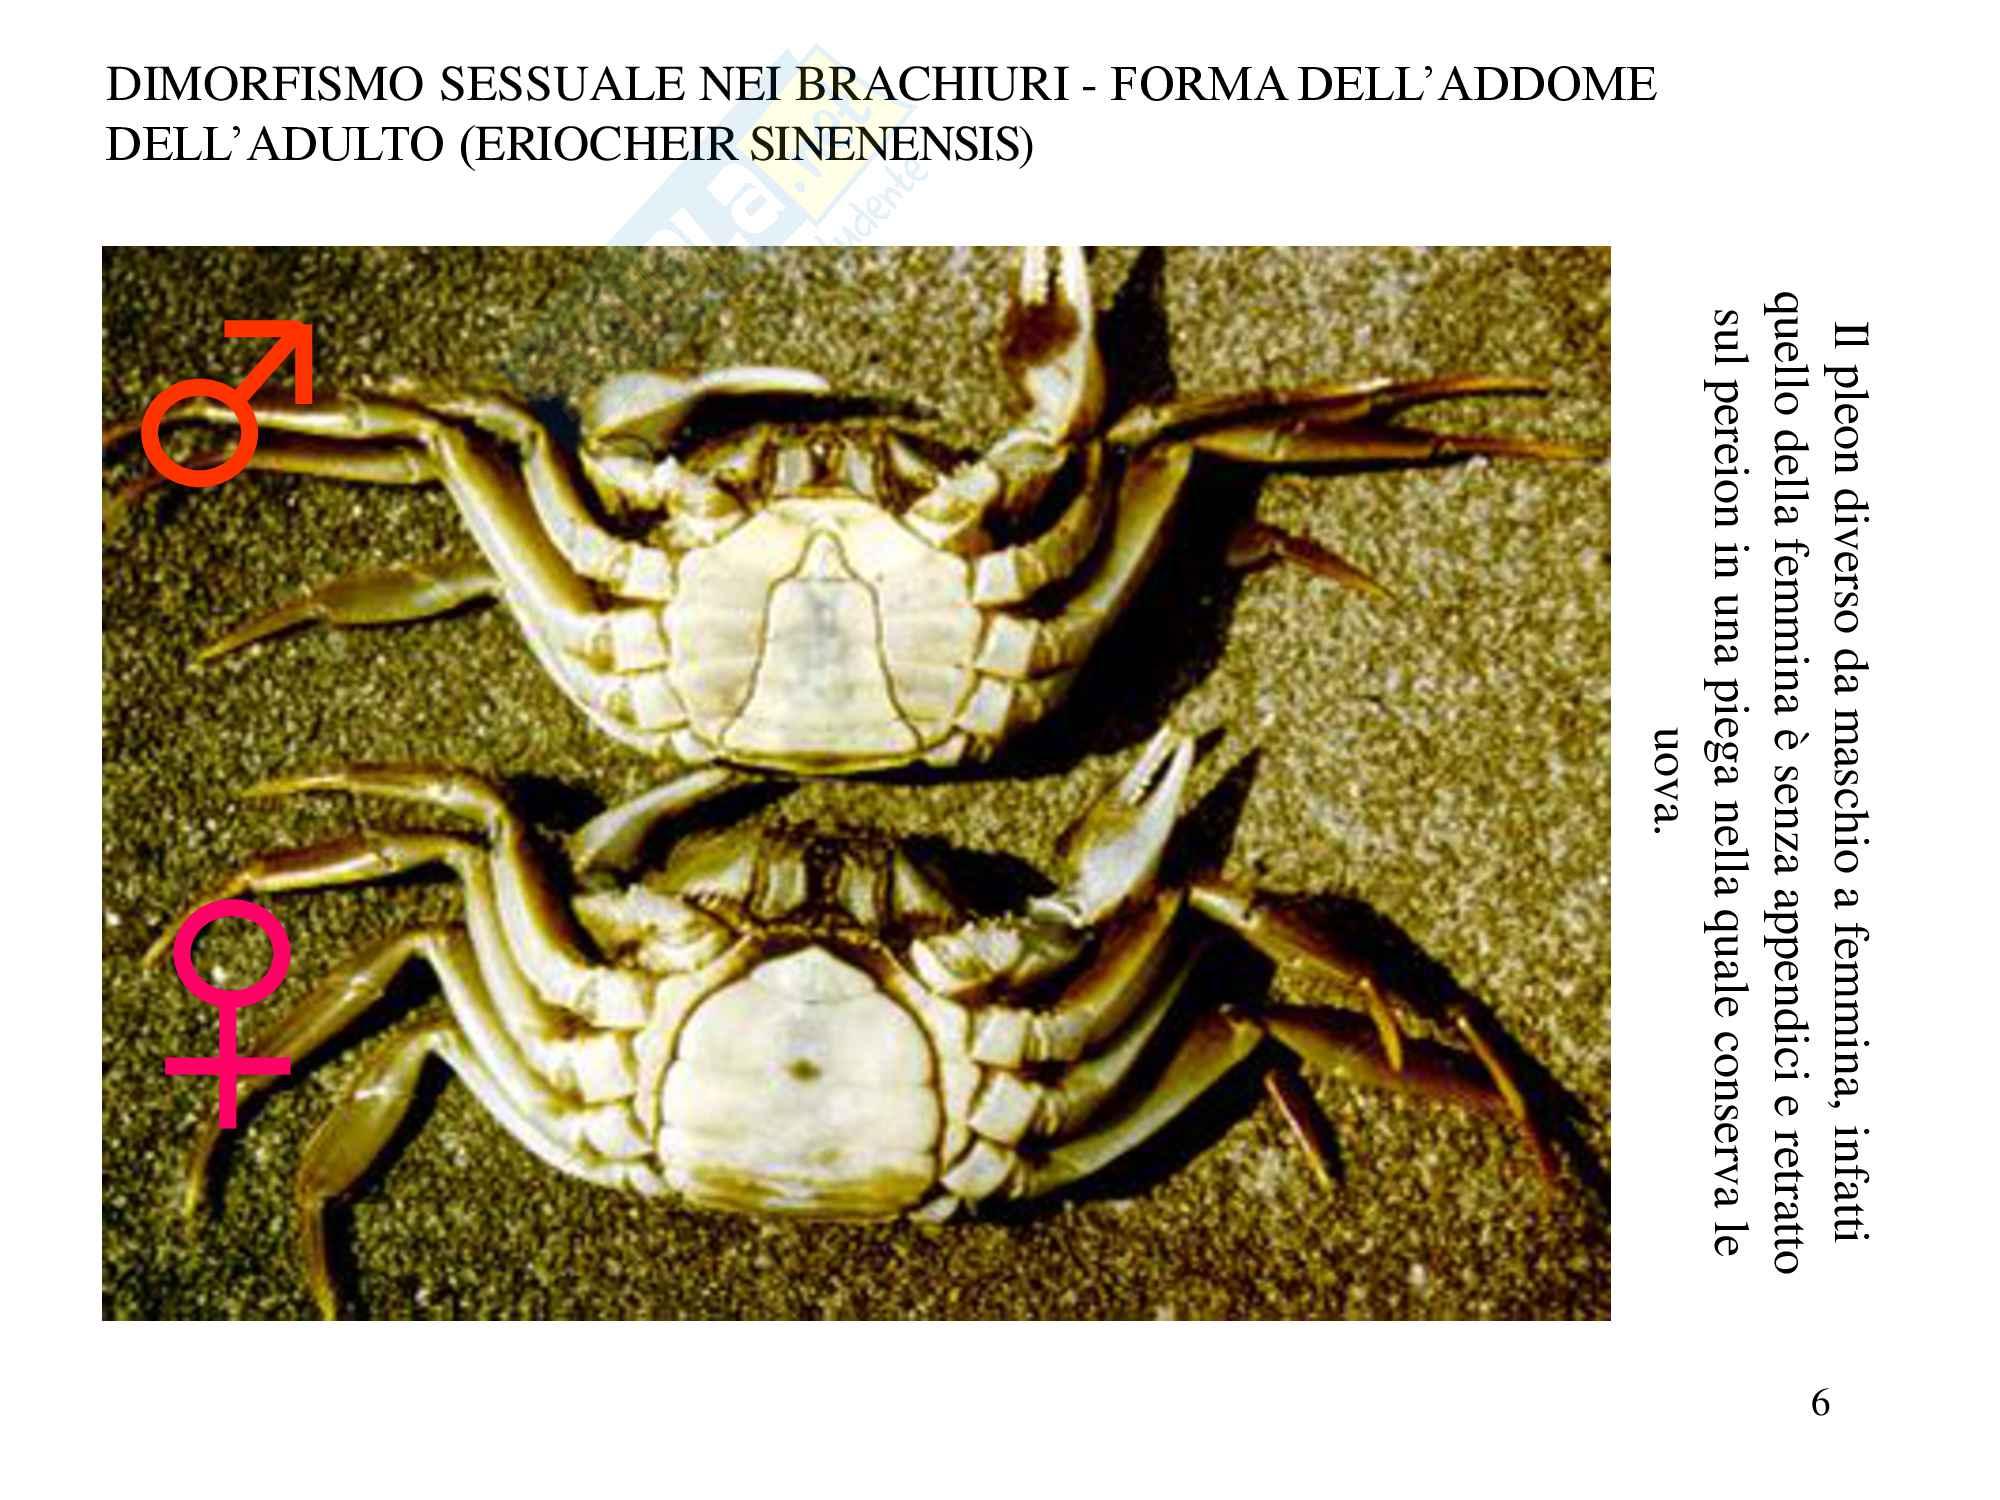 Crostacei e miriapodi, zoologia, scienze biologiche Pag. 6